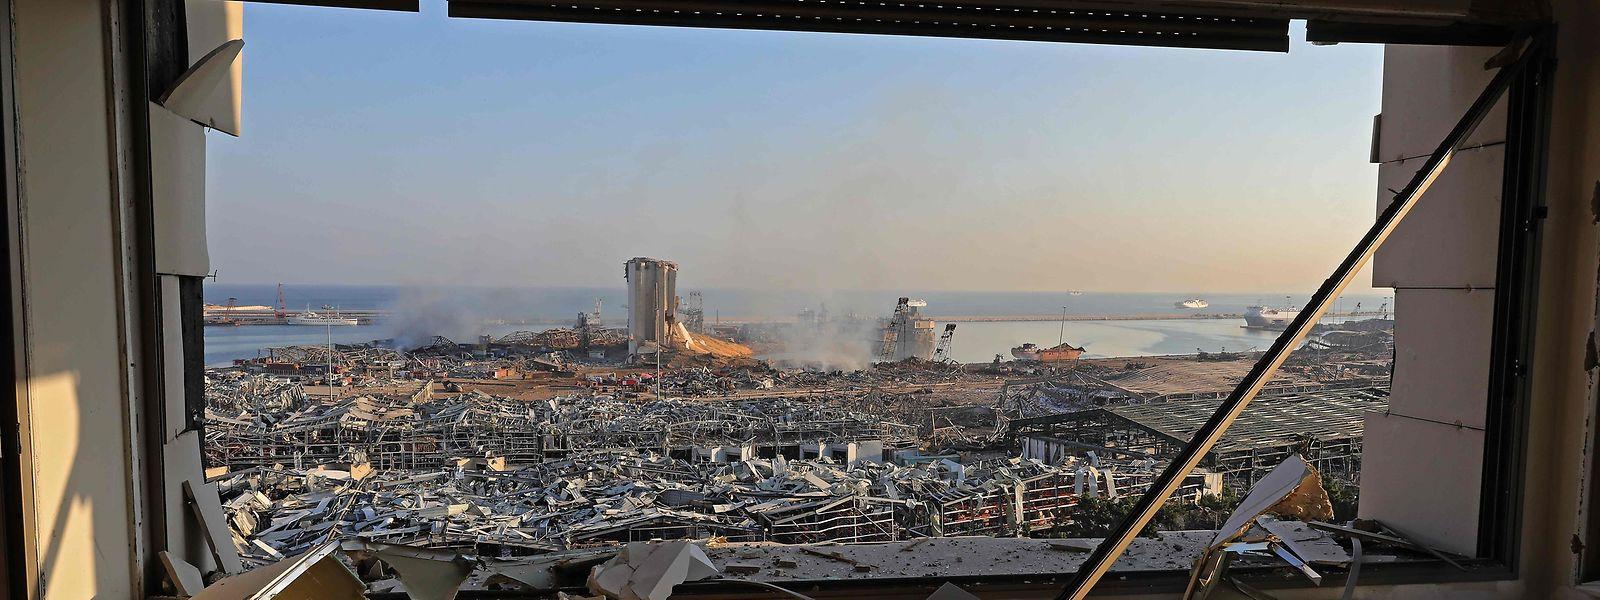 Blick auf den Hafen von Beirut ein Tag nach der verheerenden Explosion vom 4. August.